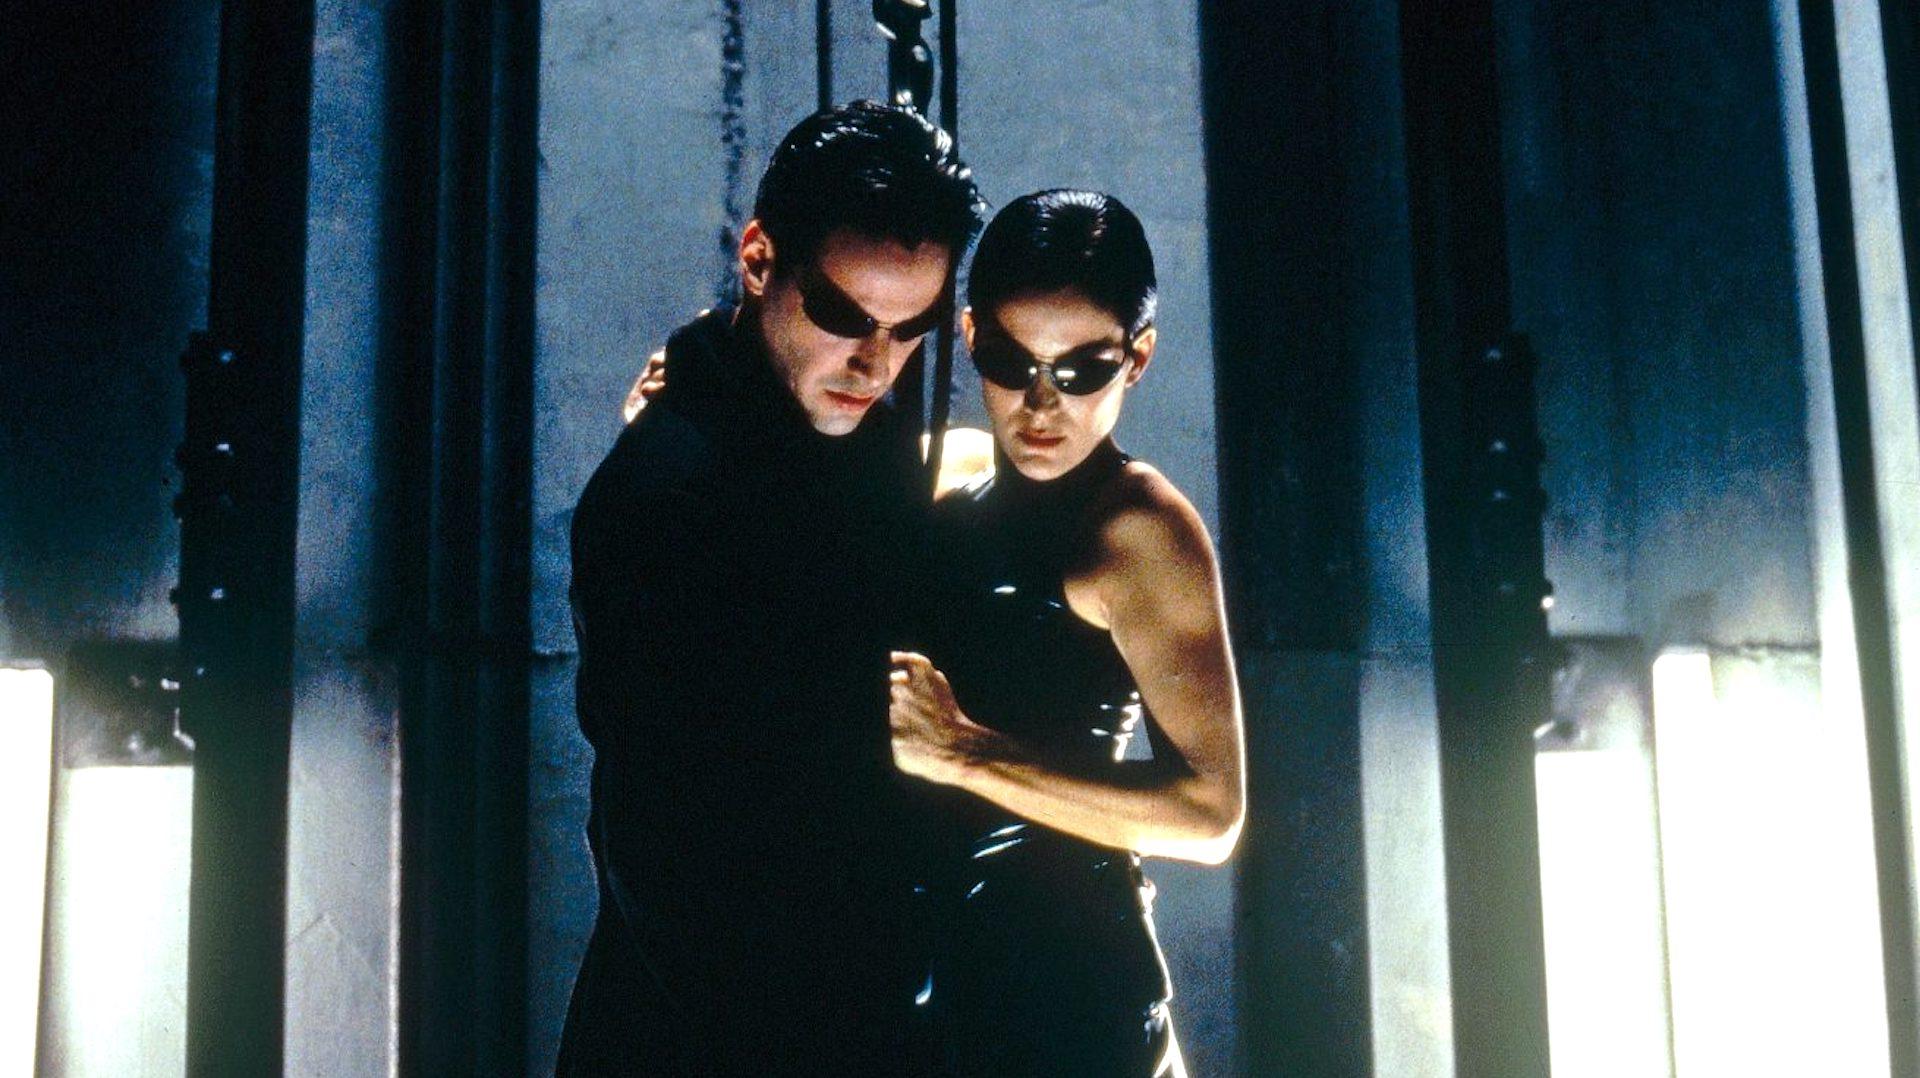 Matrix 4 : premiers avis, date de sortie, titre, casting... ce qu'on sait de « Matrix Resurrections »